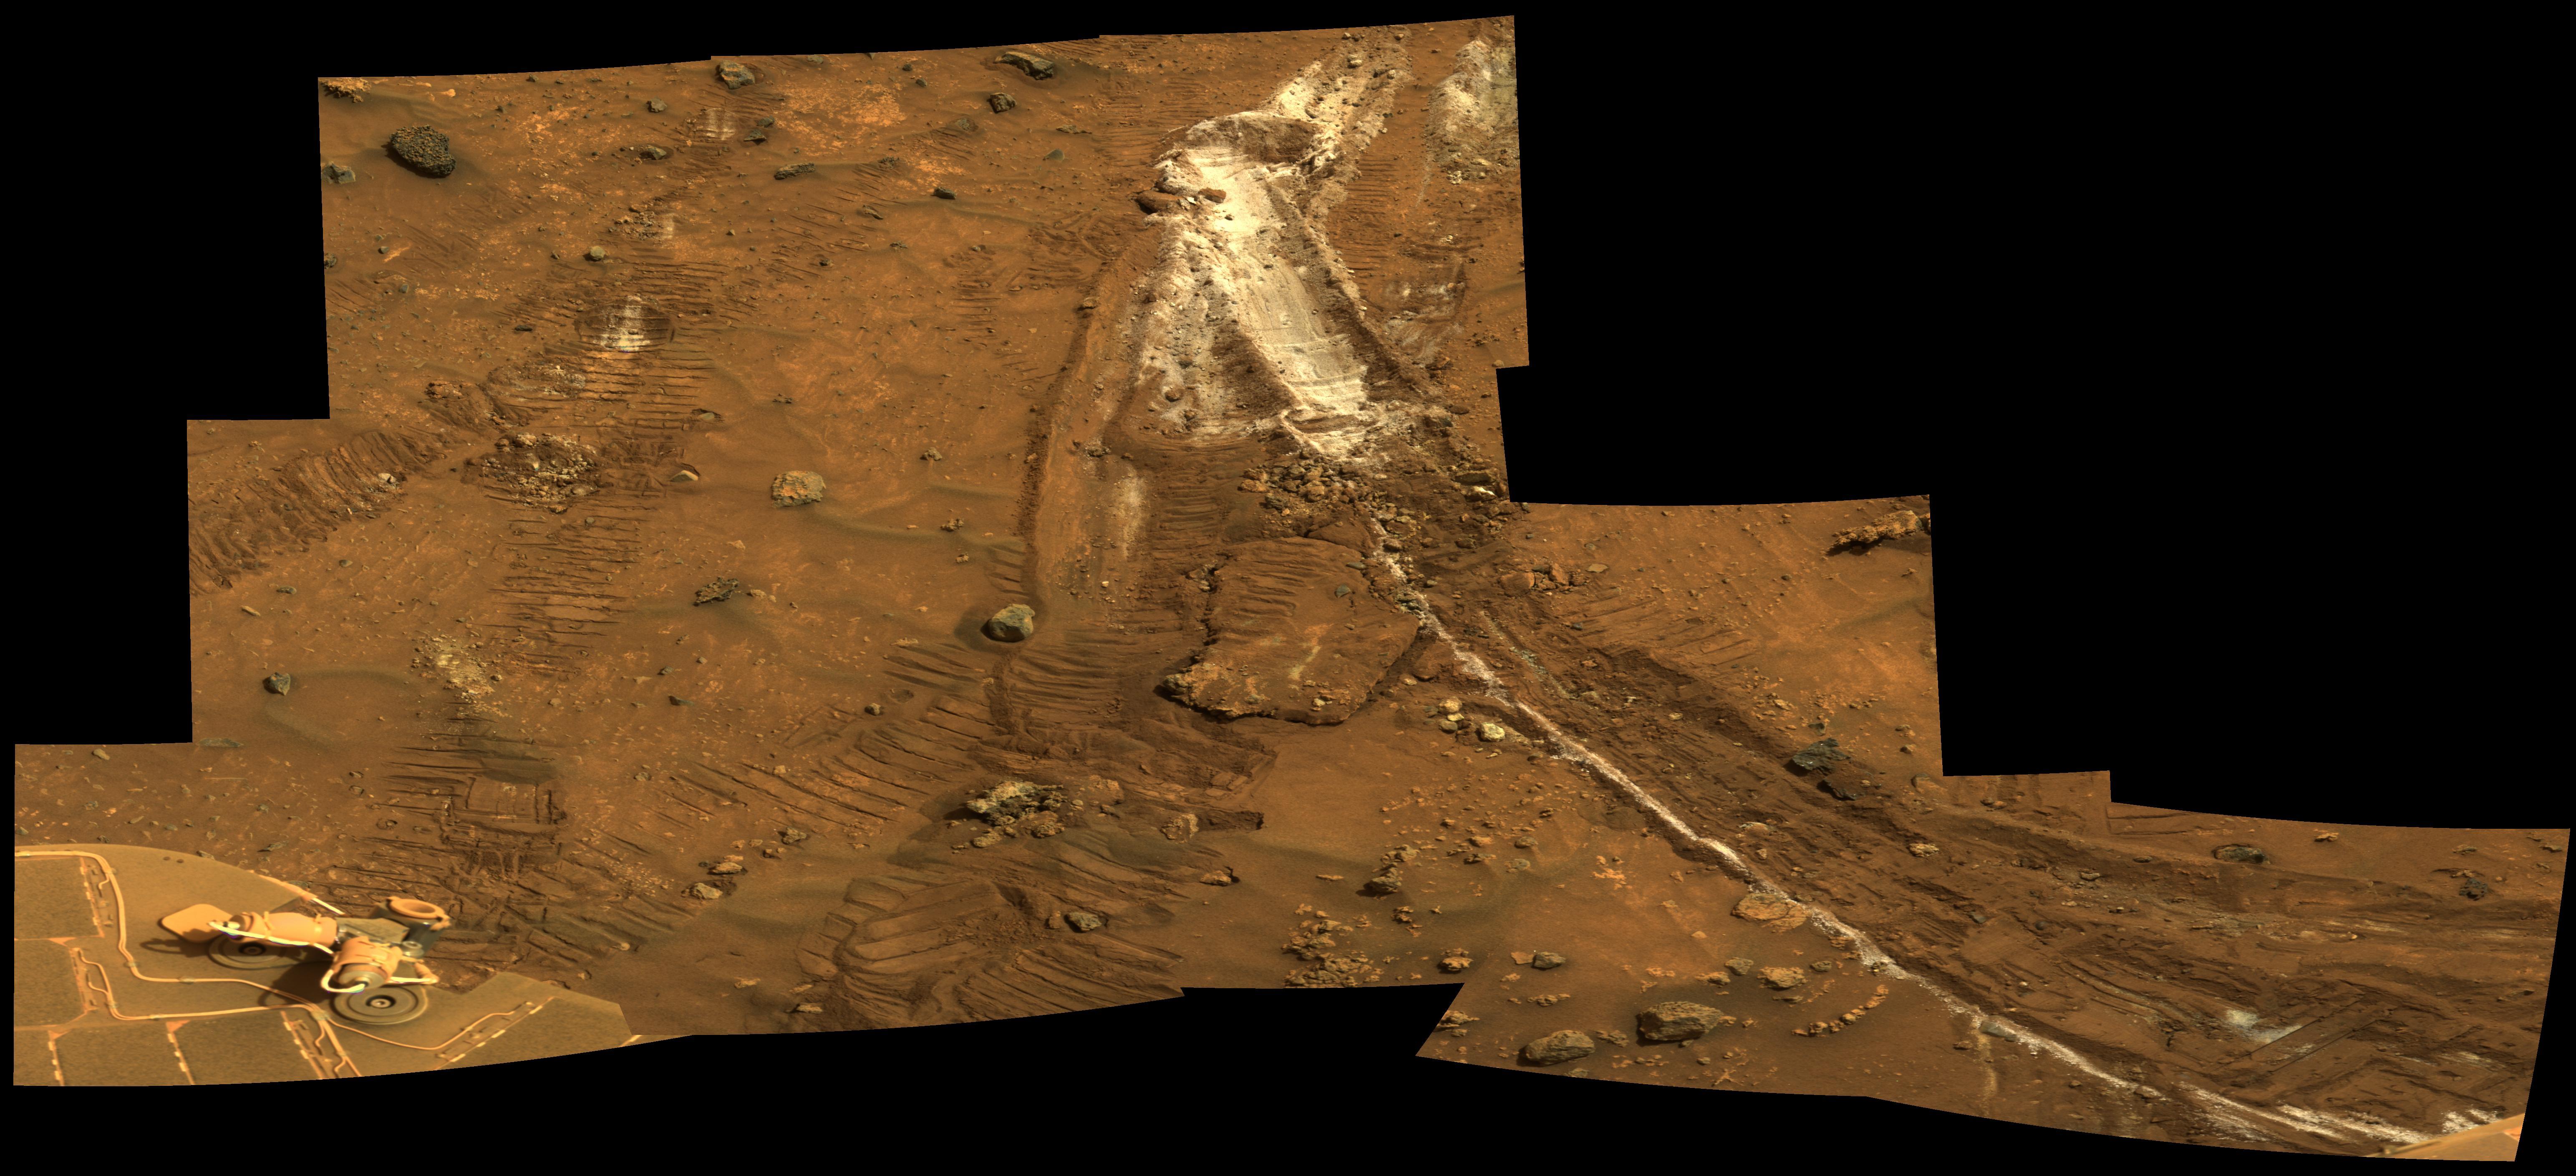 nasa mars exploration program - photo #22